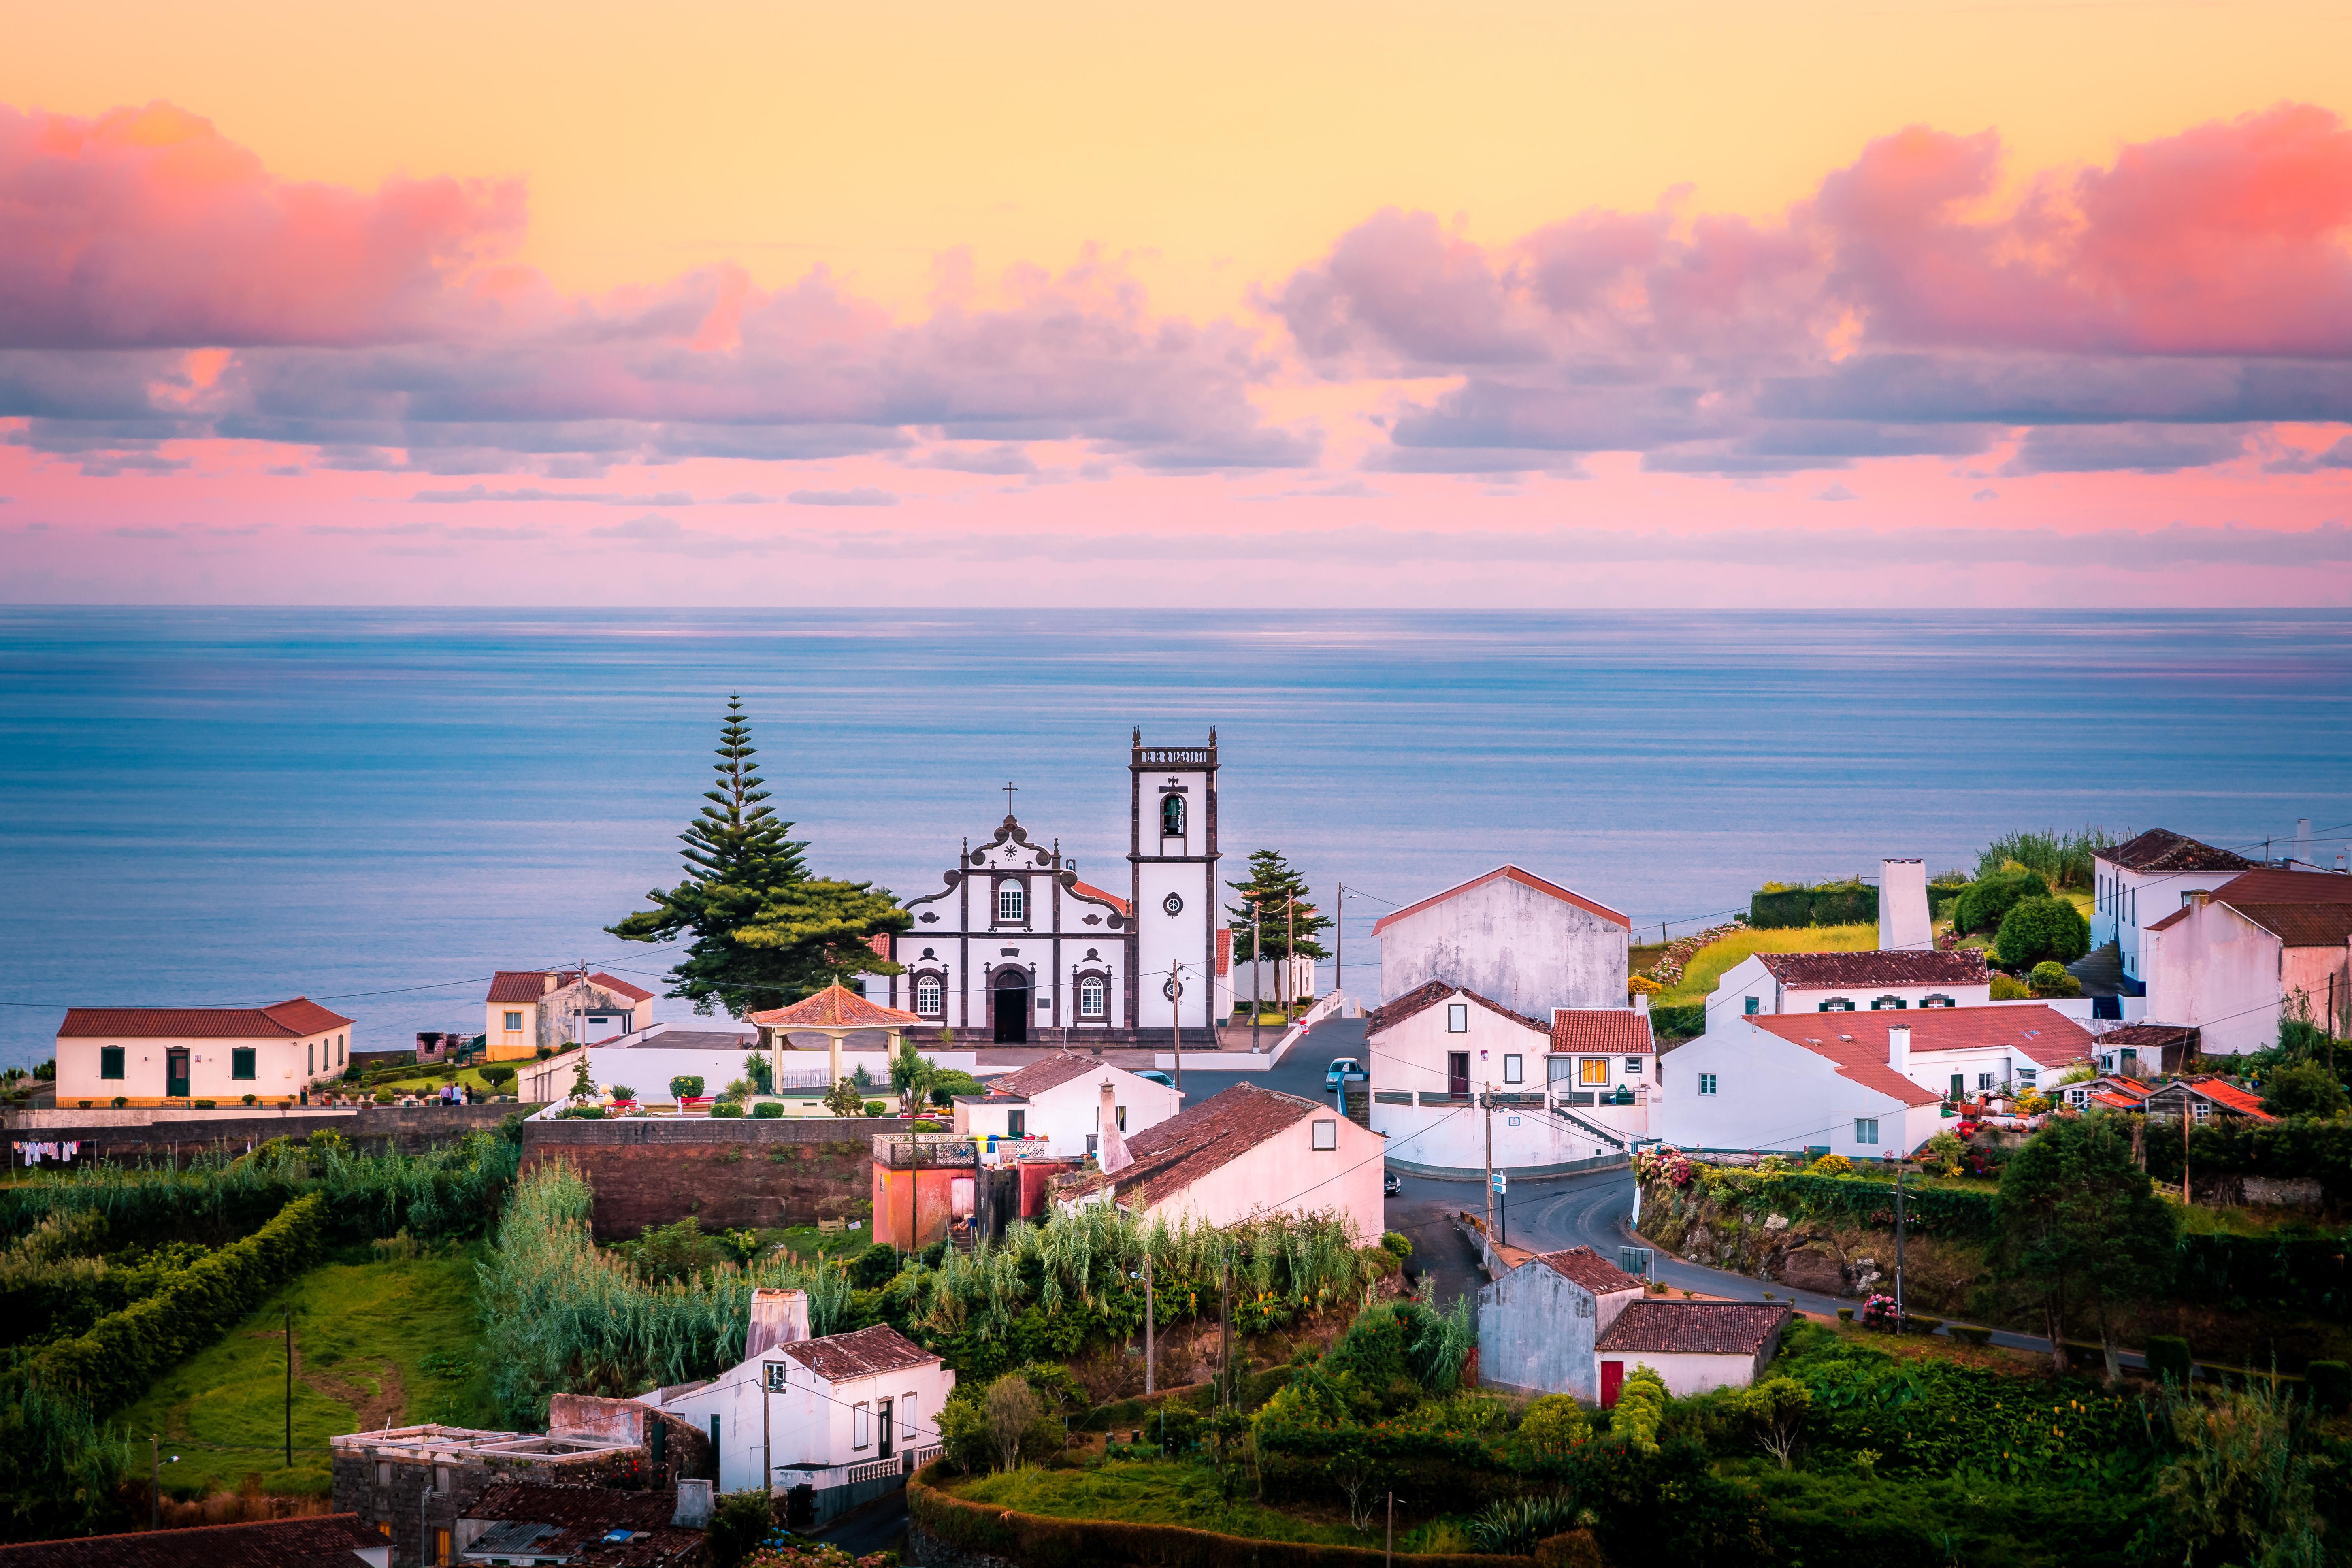 8 insule mai puțin cunoscute din Europa pe care trebuie să le vizitezi